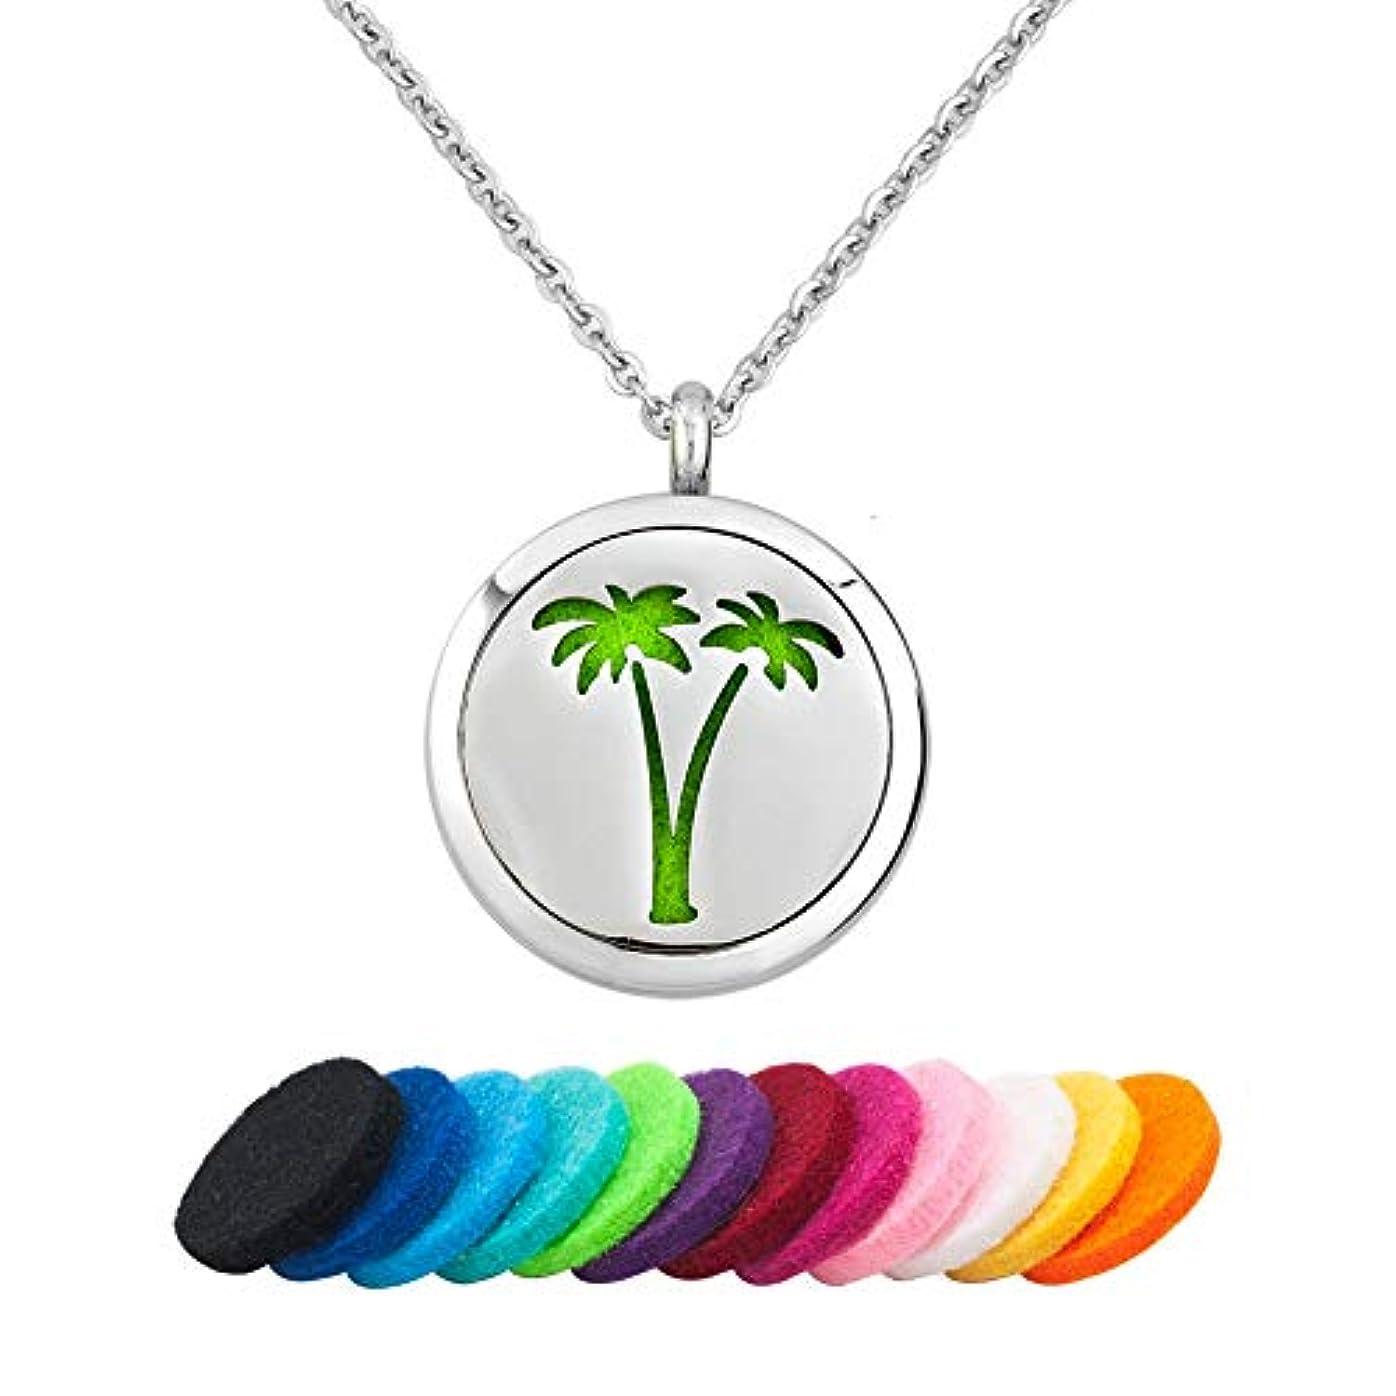 玉反抗十分にCLY Jewelry Love Nature Winds ファイヤーメープルクローバー ヤシの木 マッシュルーム アロマセラピー エッセンシャルオイルディフューザー ネックレスペンダント 12パッド